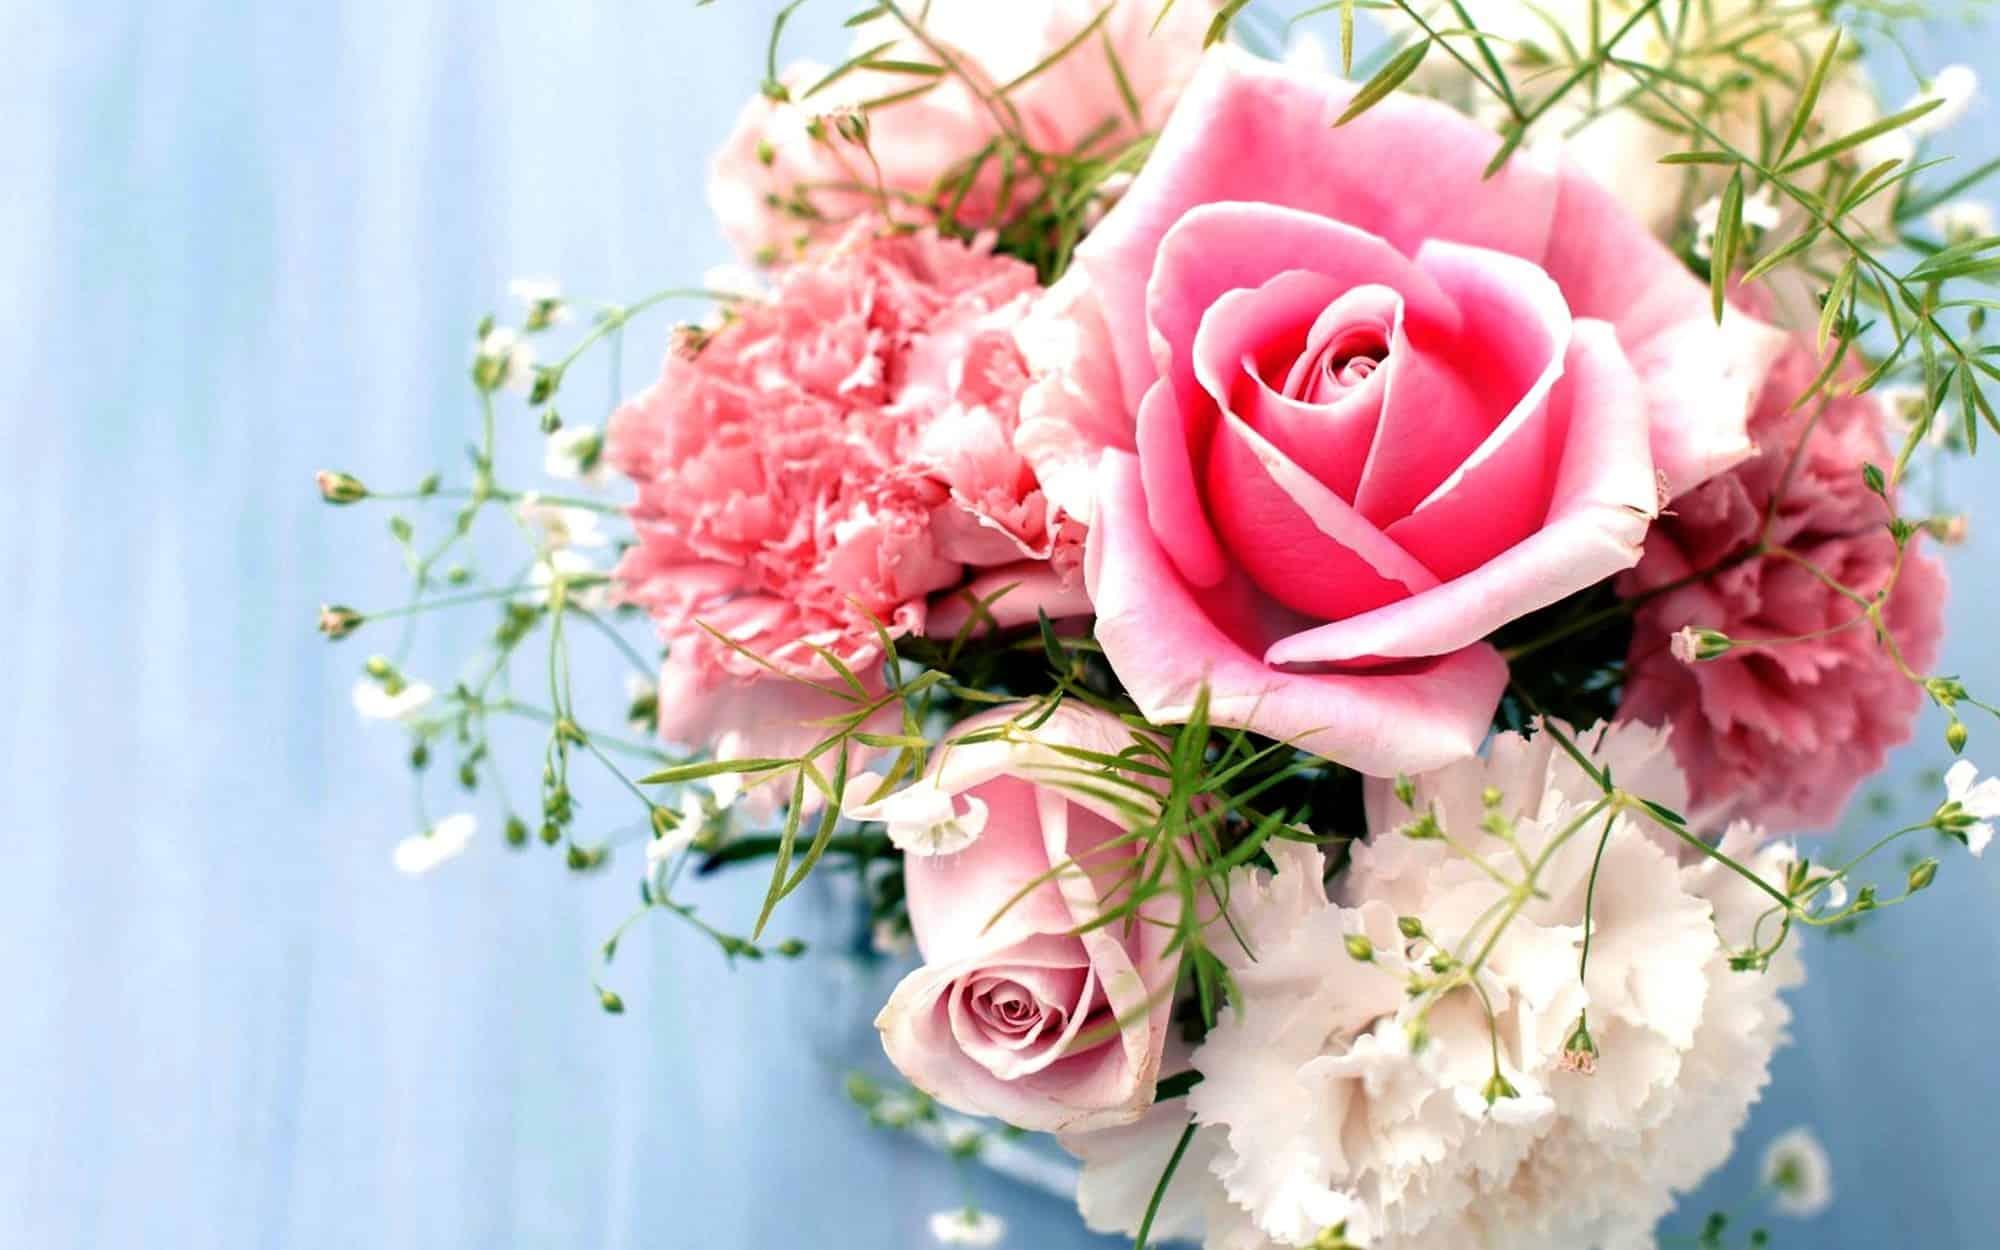 الورود لصور الملف الشخصي 3